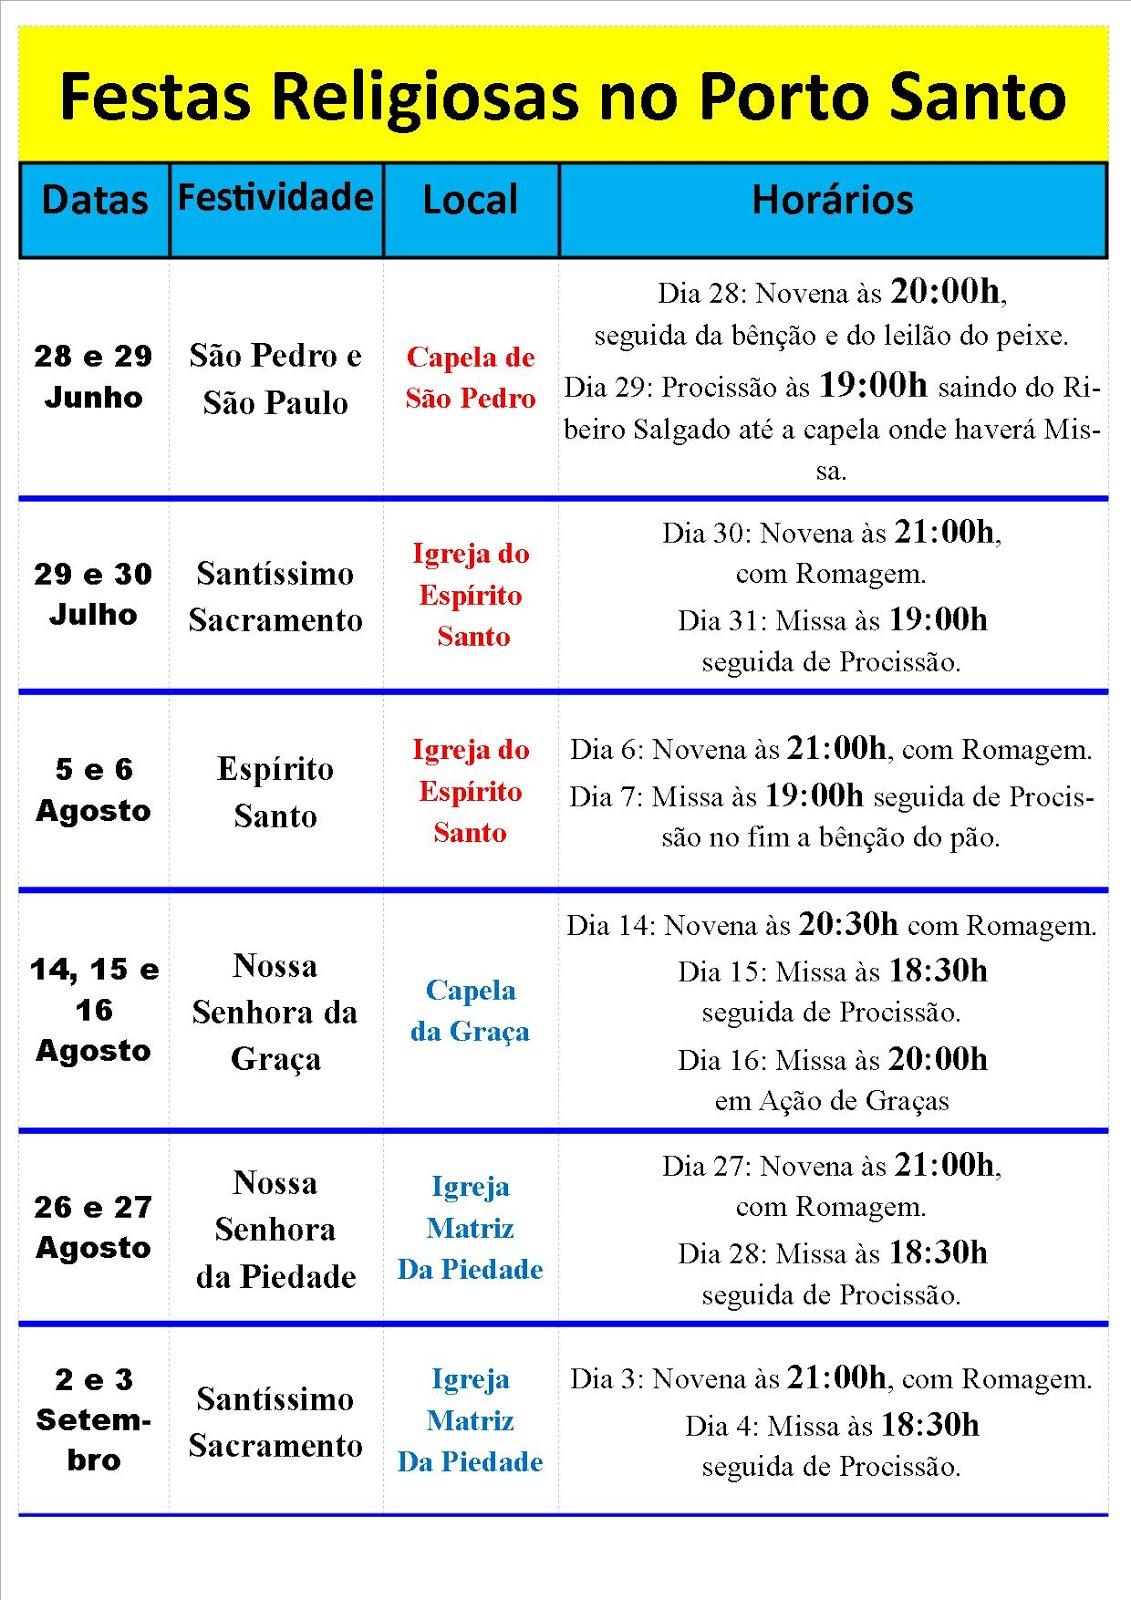 Festas Religiosas do Porto Santo 2017